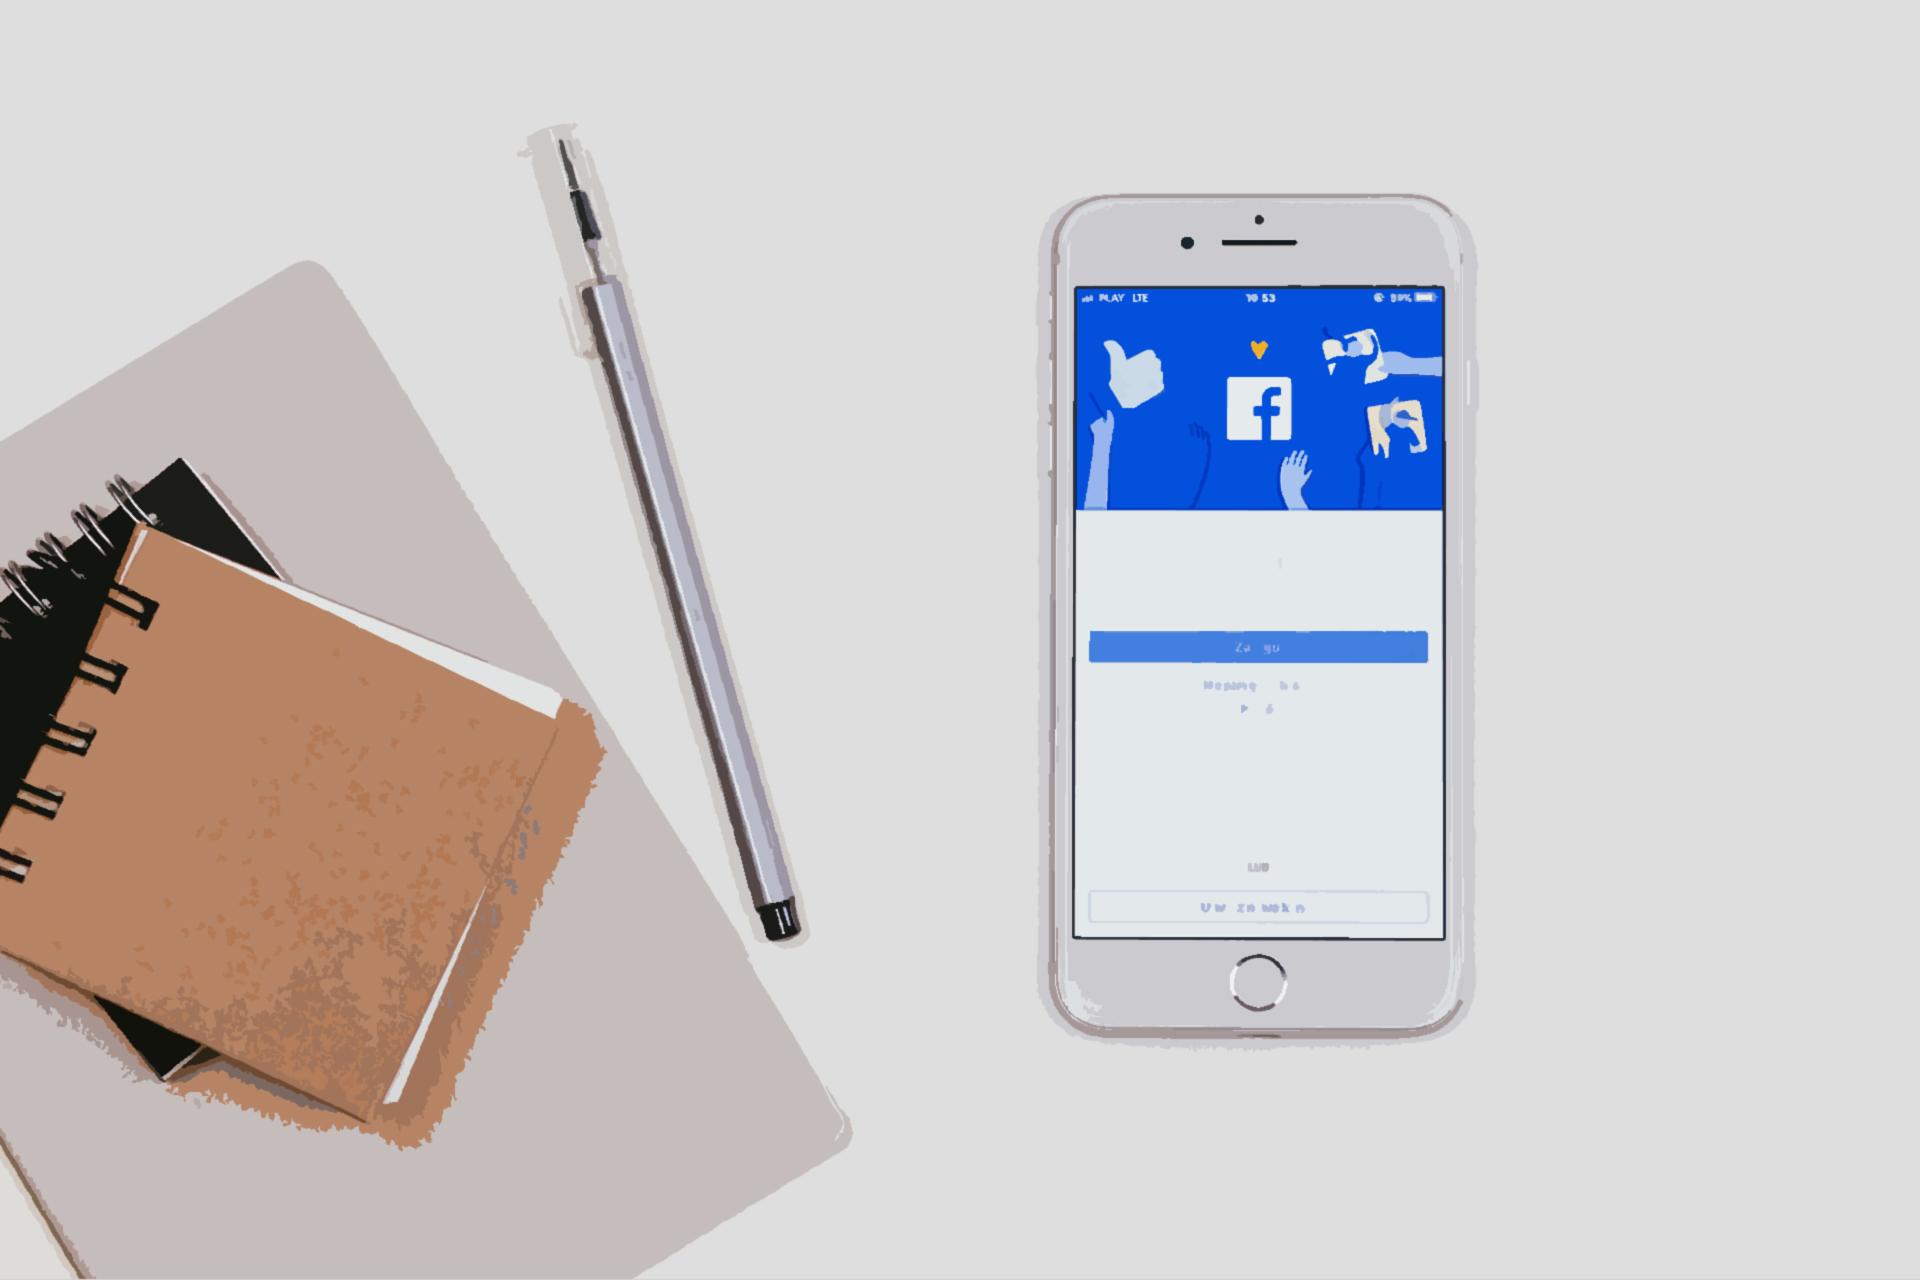 Facebook Ads Apple iOS14 update